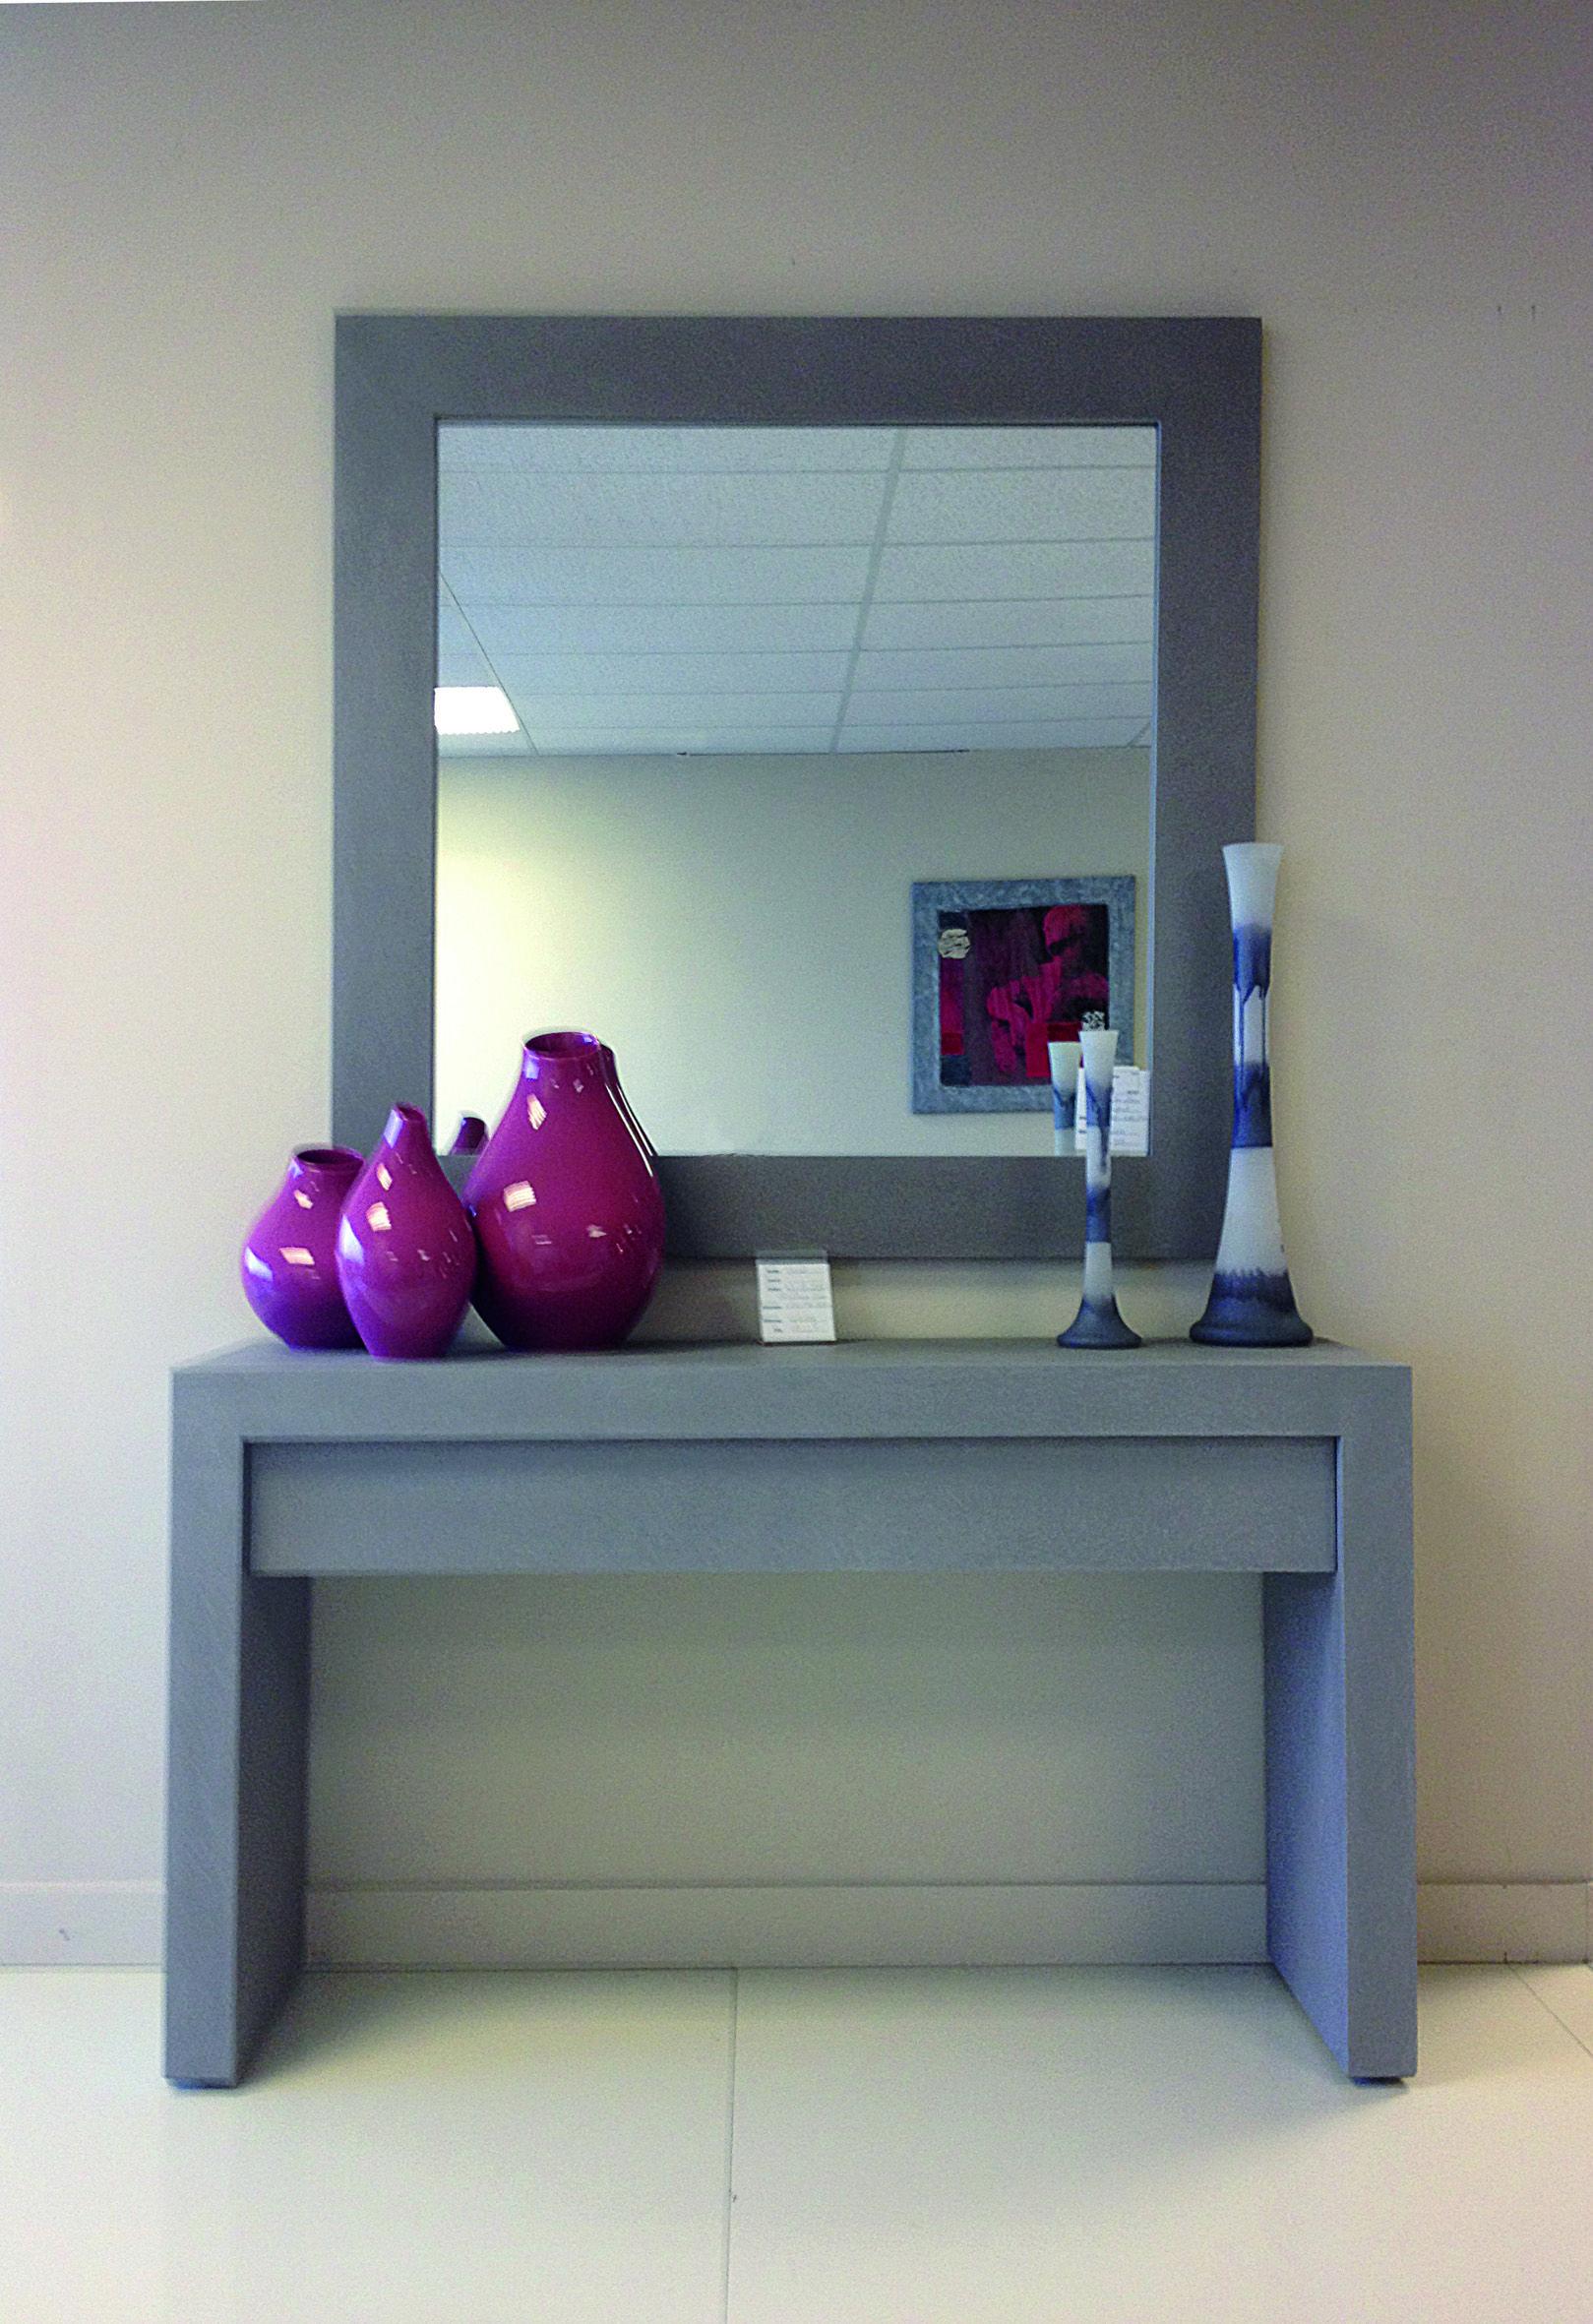 Console D Entree Avec Son Miroir Sur Mesure Pour Une Entree Accueillante Et Moderne Decor Home Decor Entryway Tables